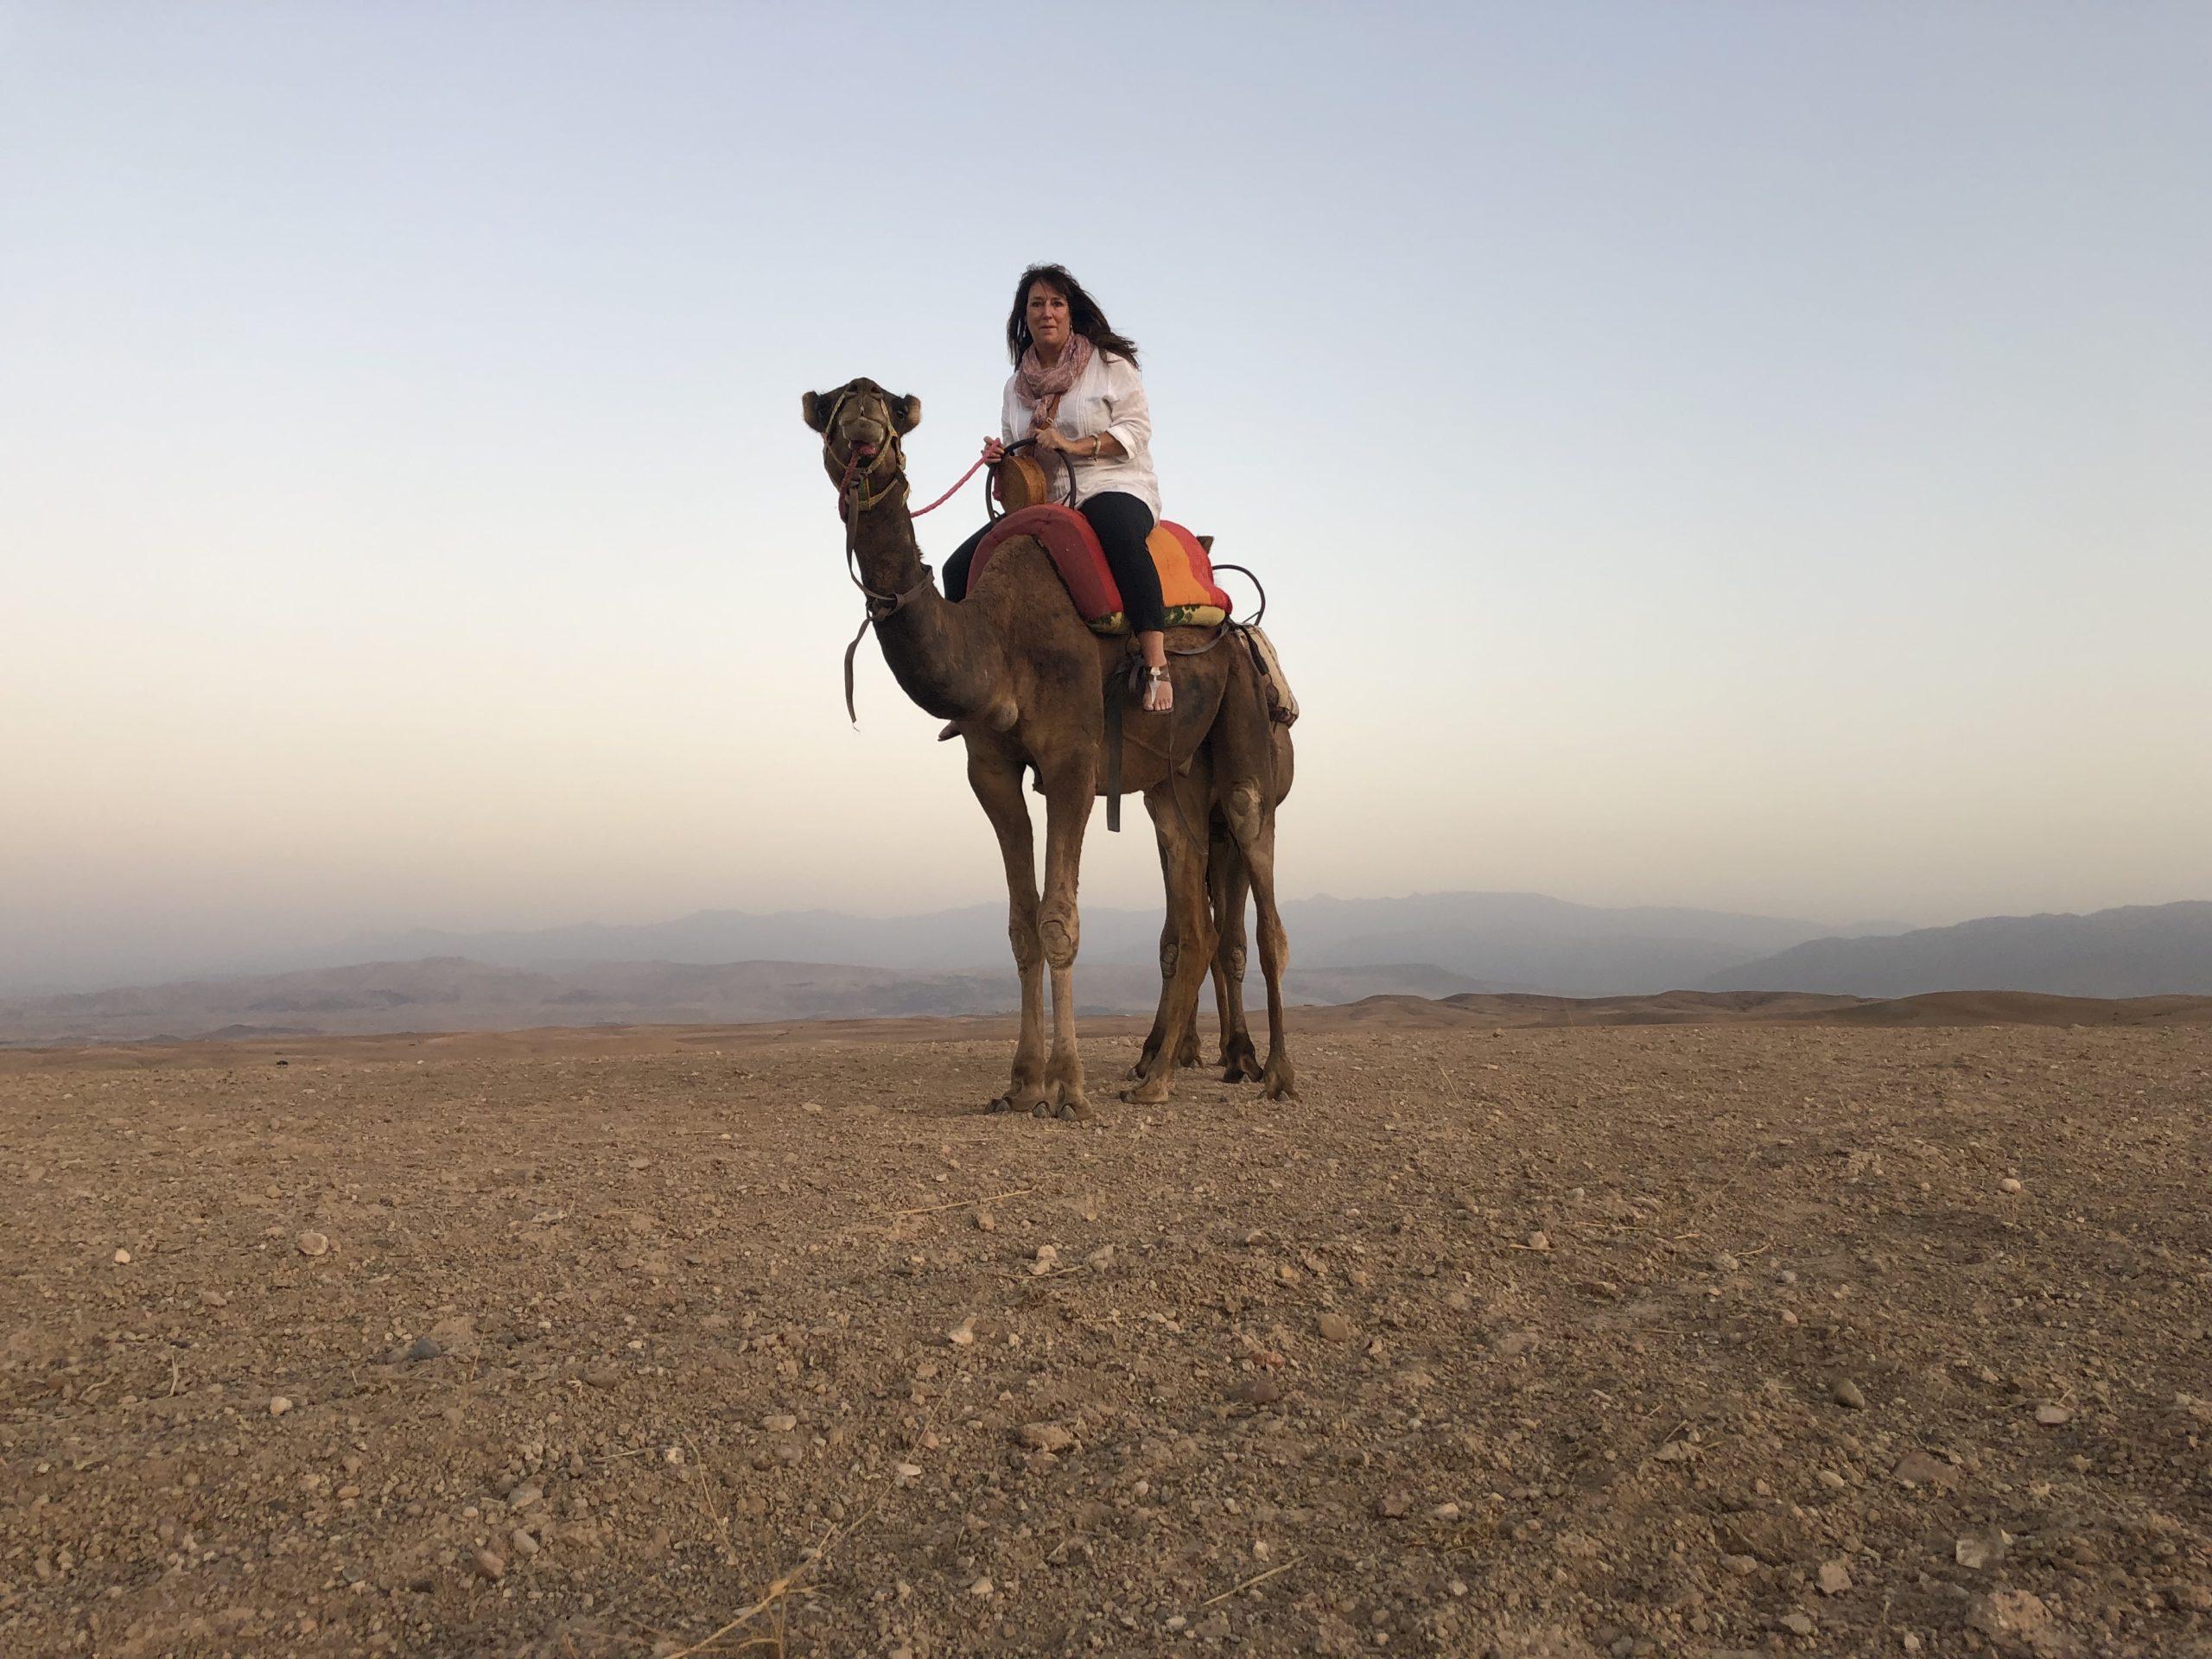 Camel trekking, Agafay Desert, Morocco, Africa